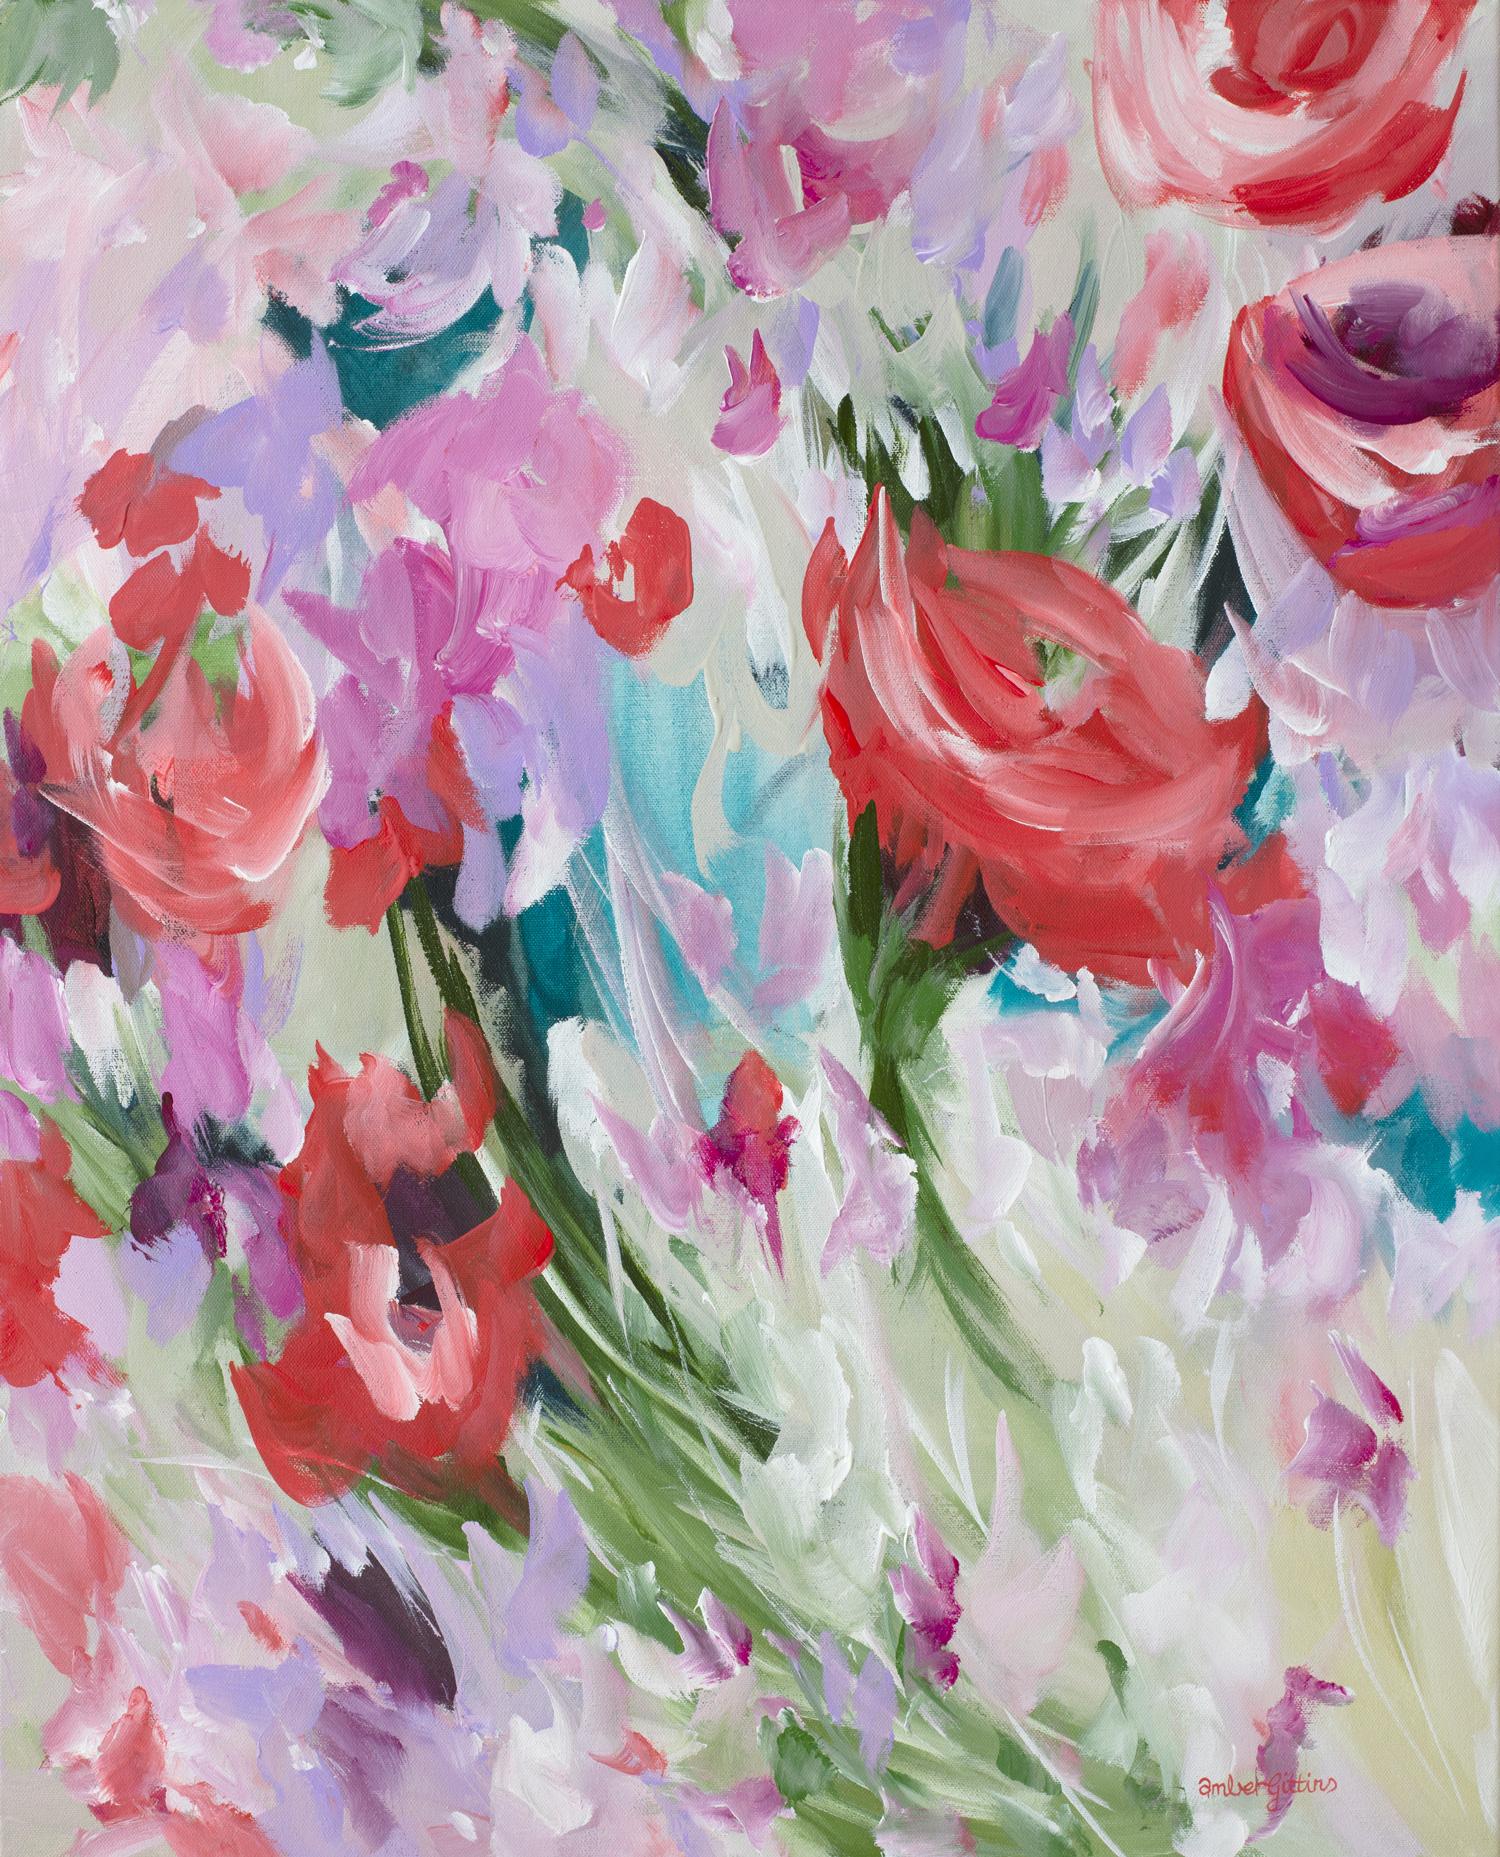 Lasting Love By Amber Gittins